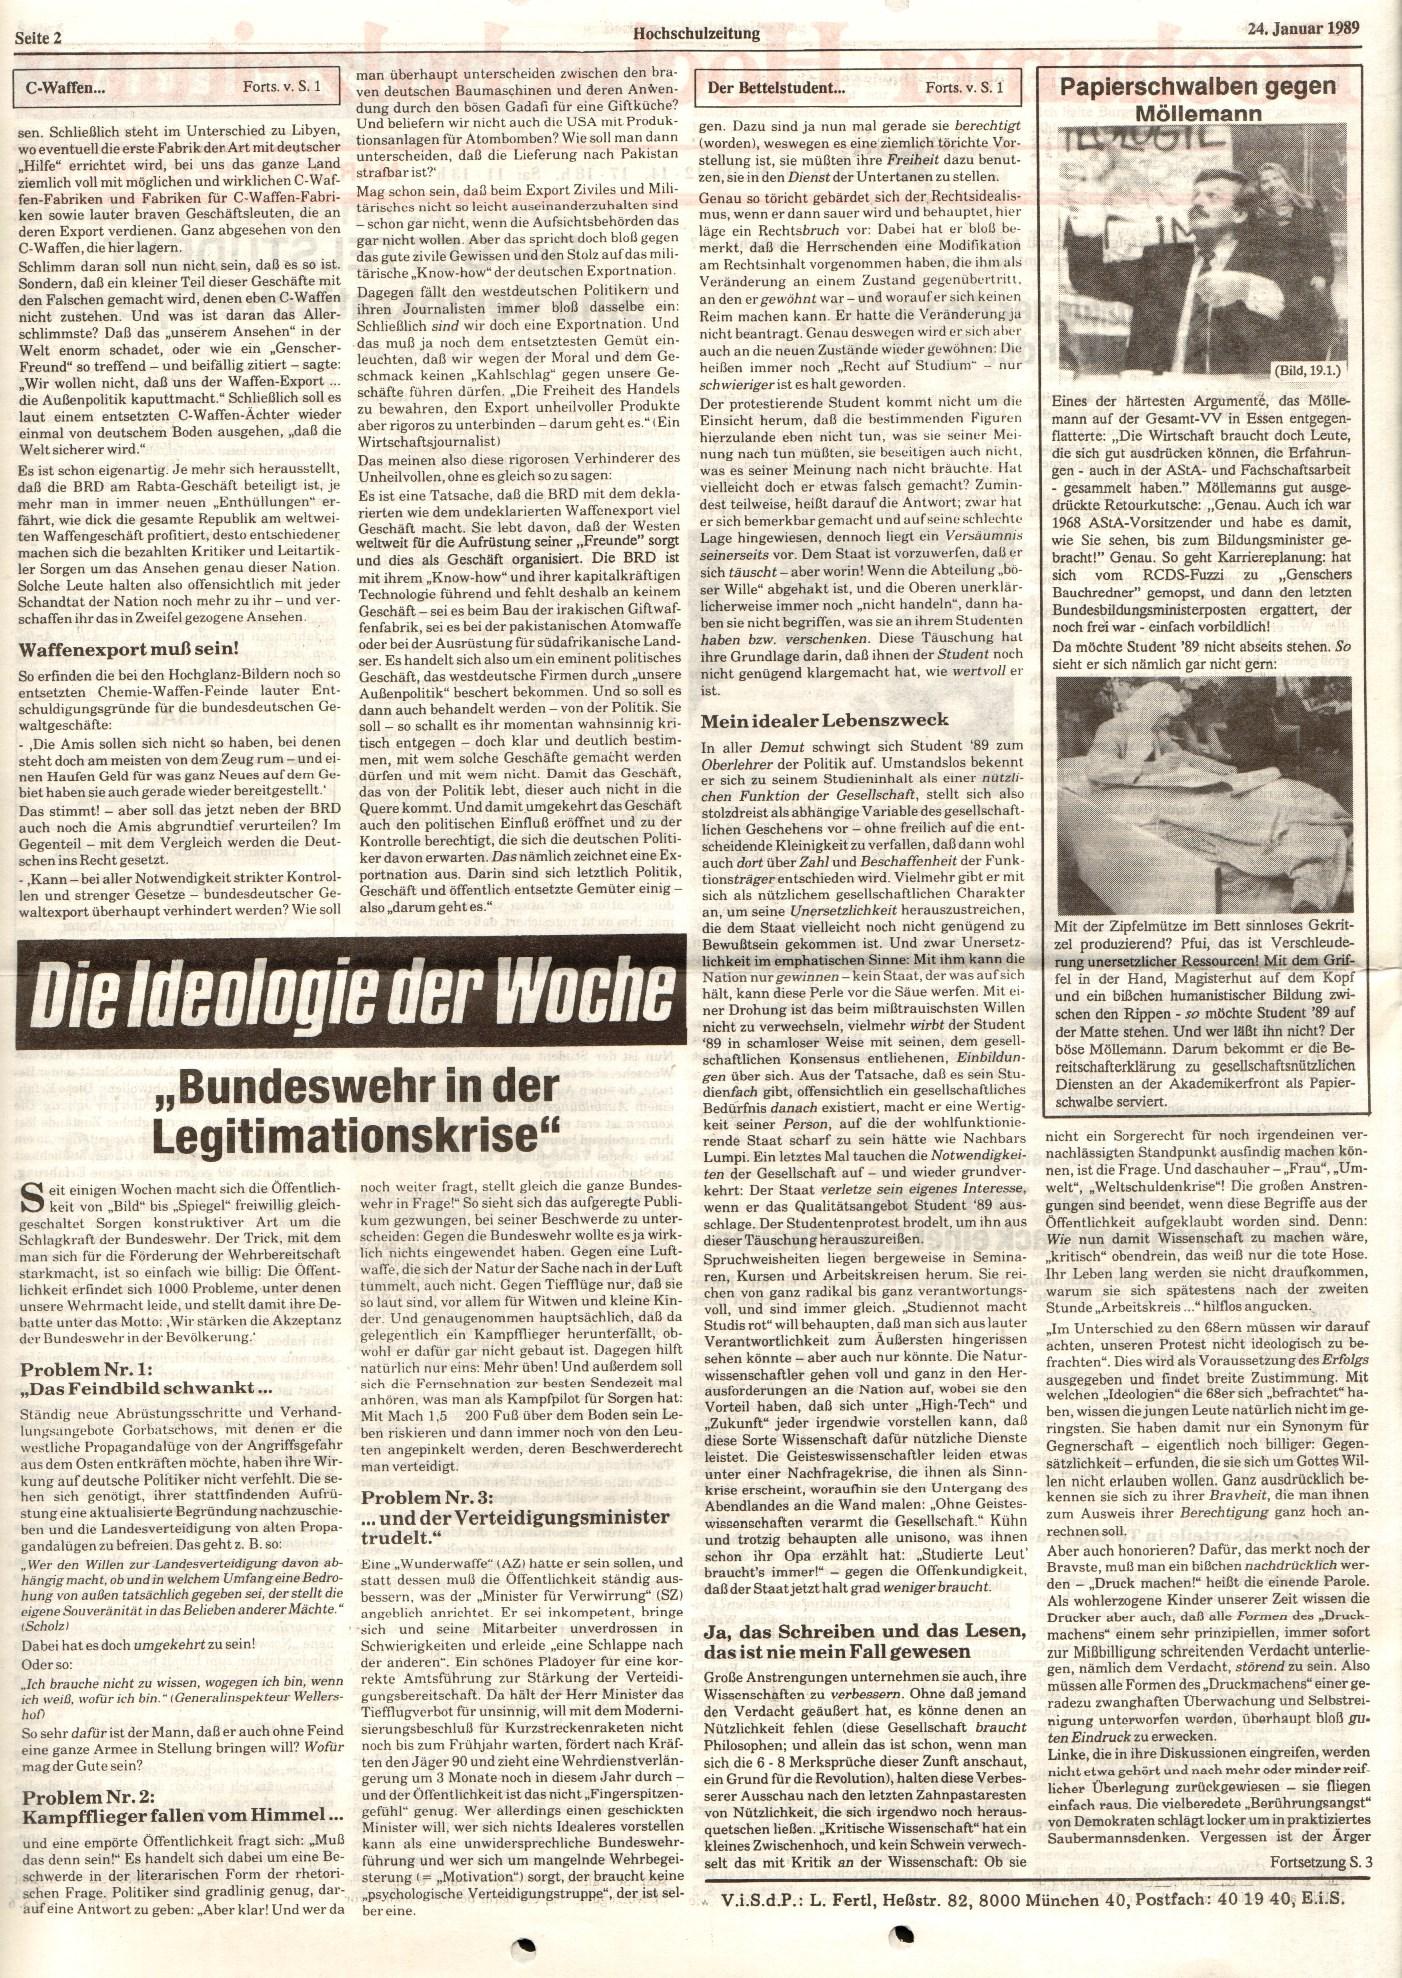 MG_Bochumer_Hochschulzeitung_19890124_02